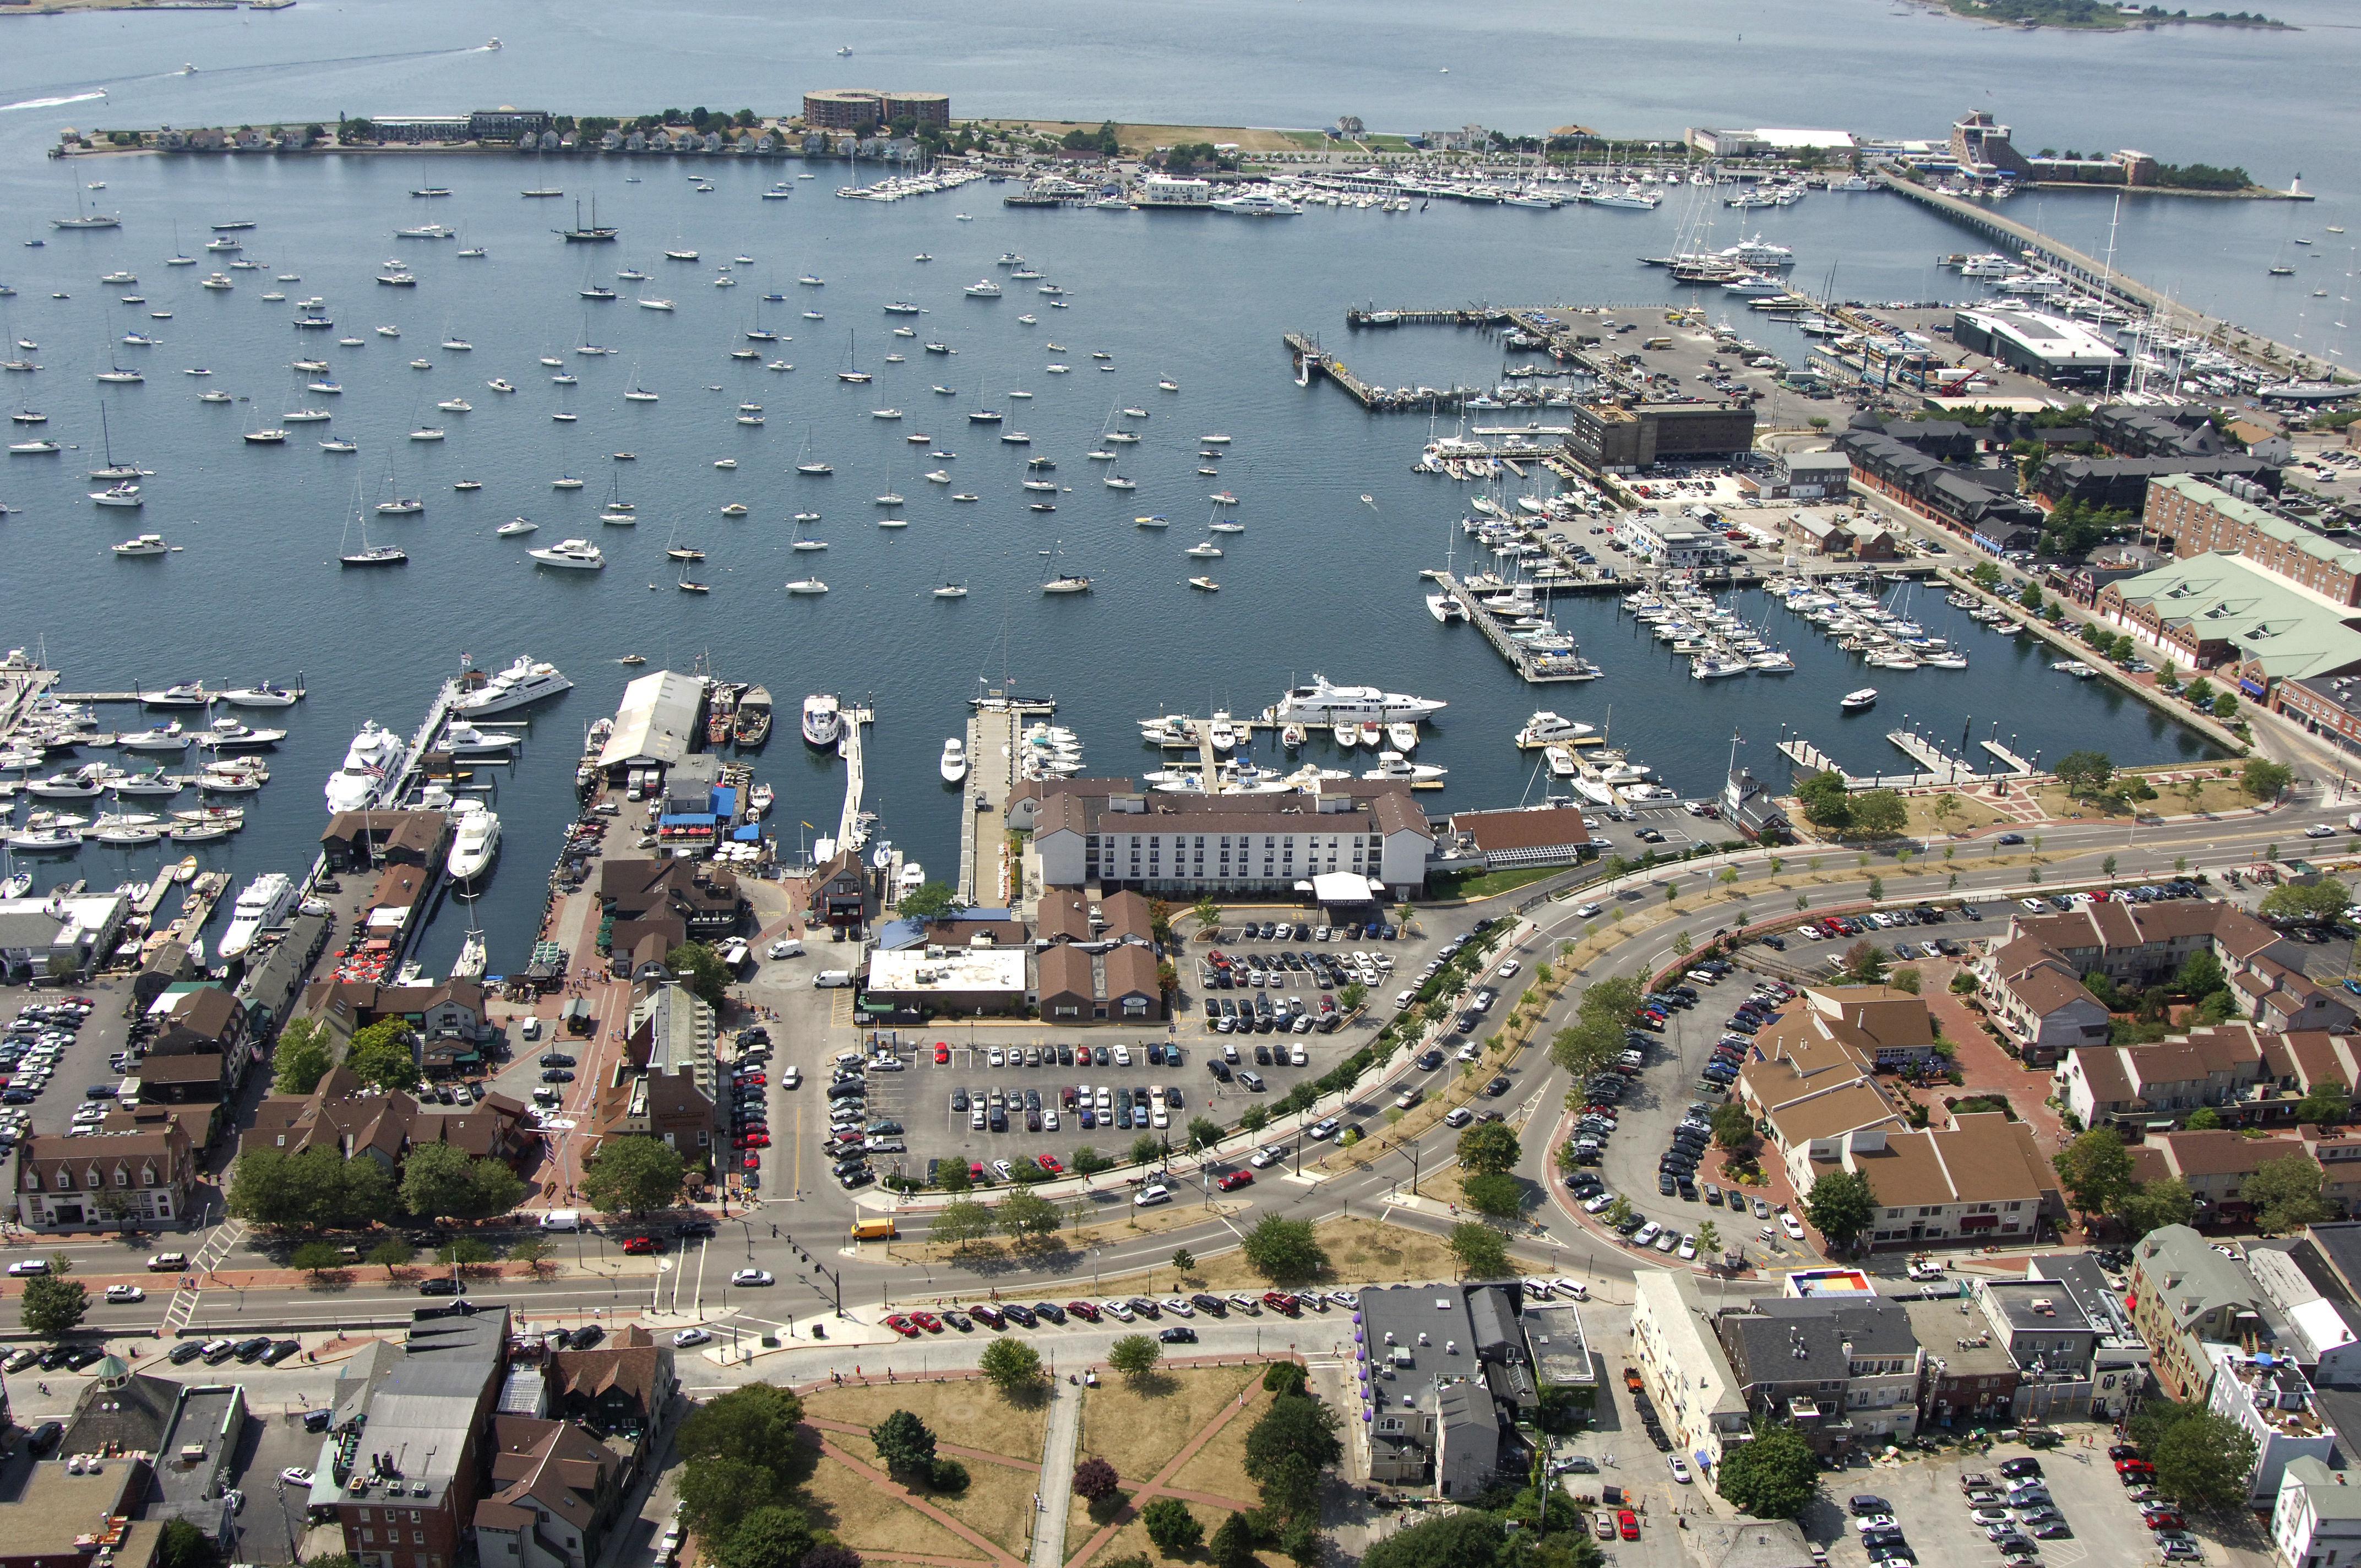 The Newport Harbor Hotel Marina